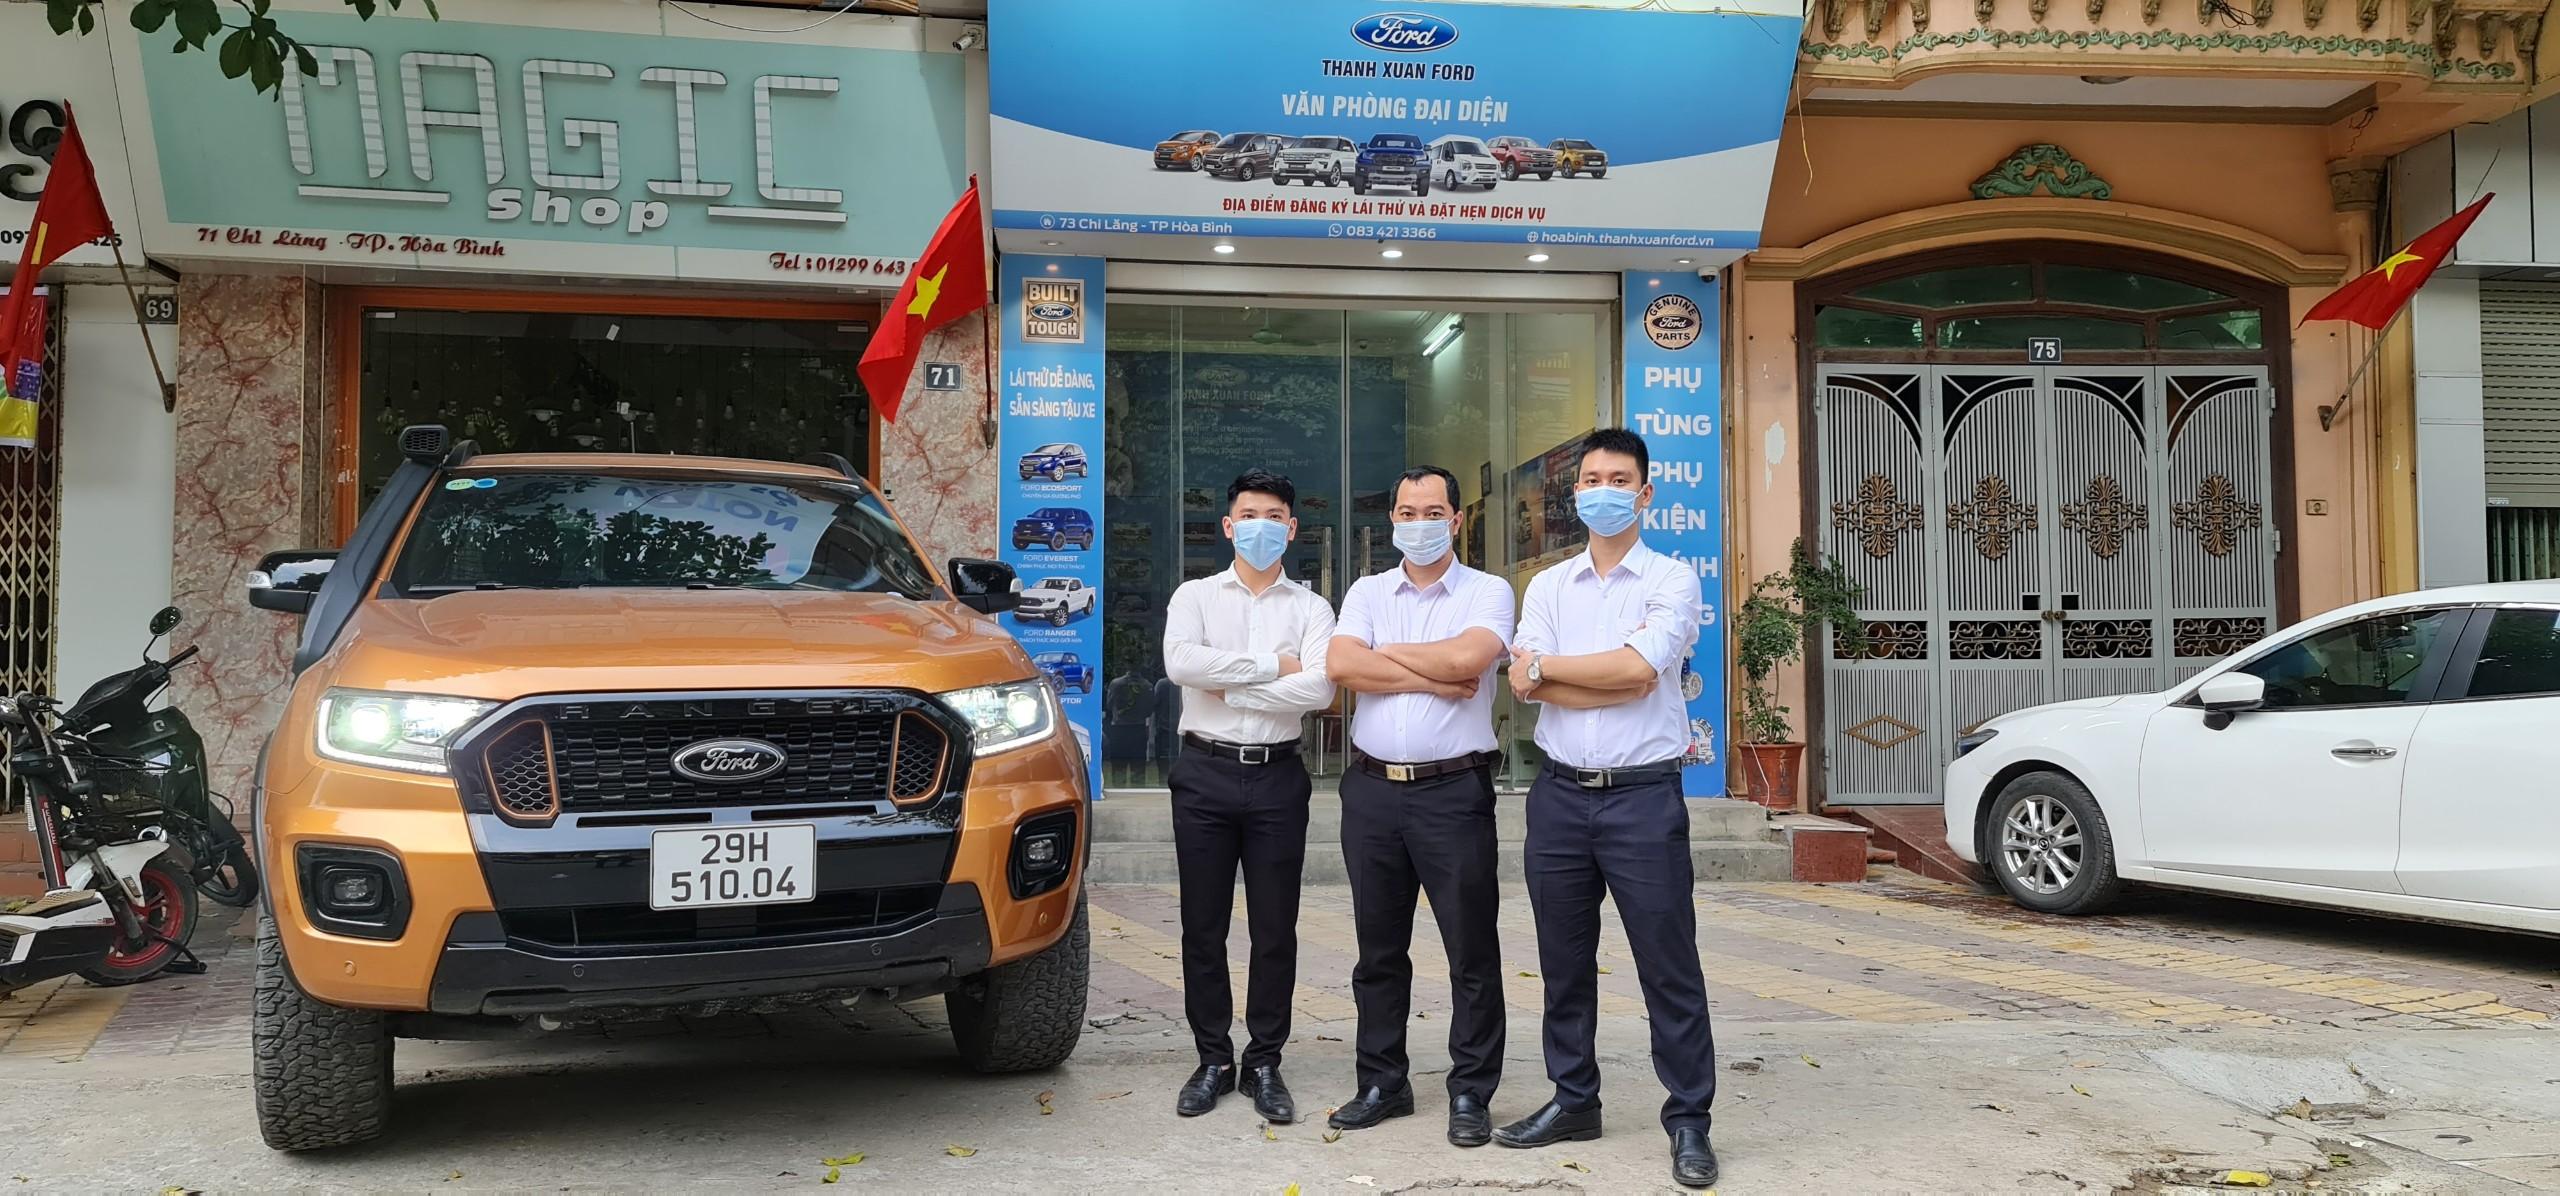 Văn phòng Ford Hòa Bình hỗ trợ các thủ tục vay trả góp khi mua xe bán tải cũ Ford Ranger tại Tây Bắc